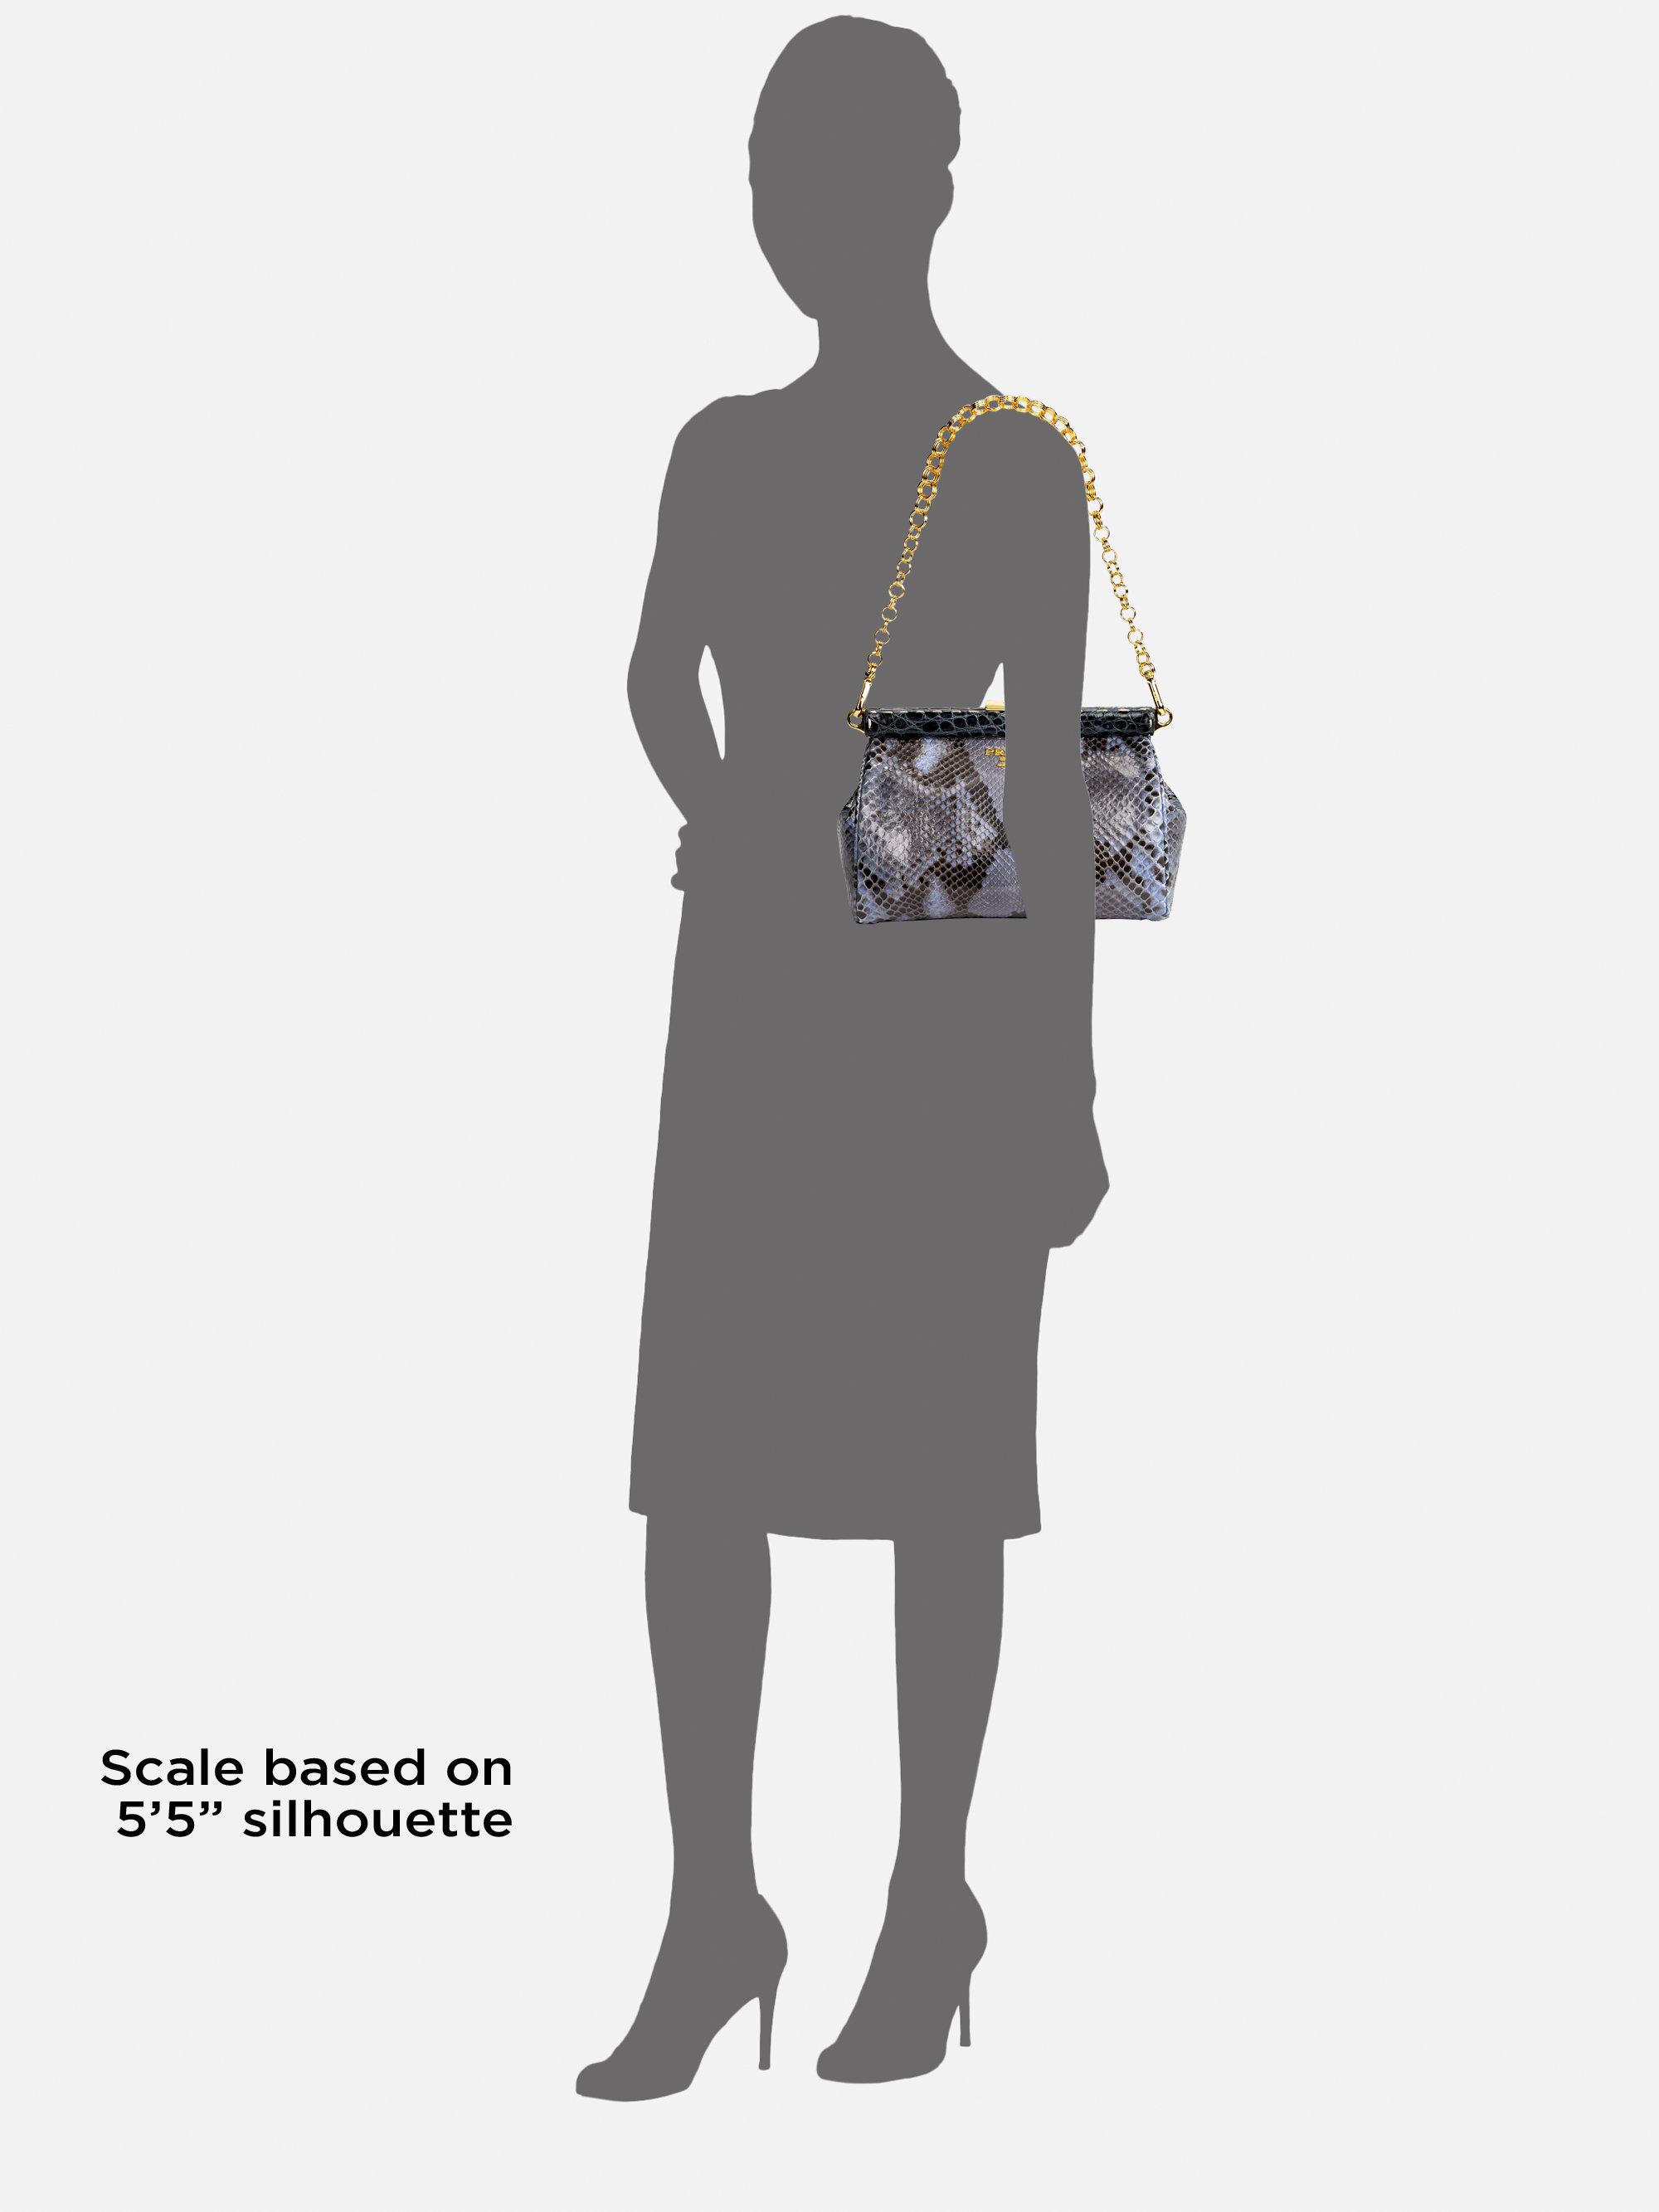 prada new season handbags - Prada Frame python and crocodile leather bag